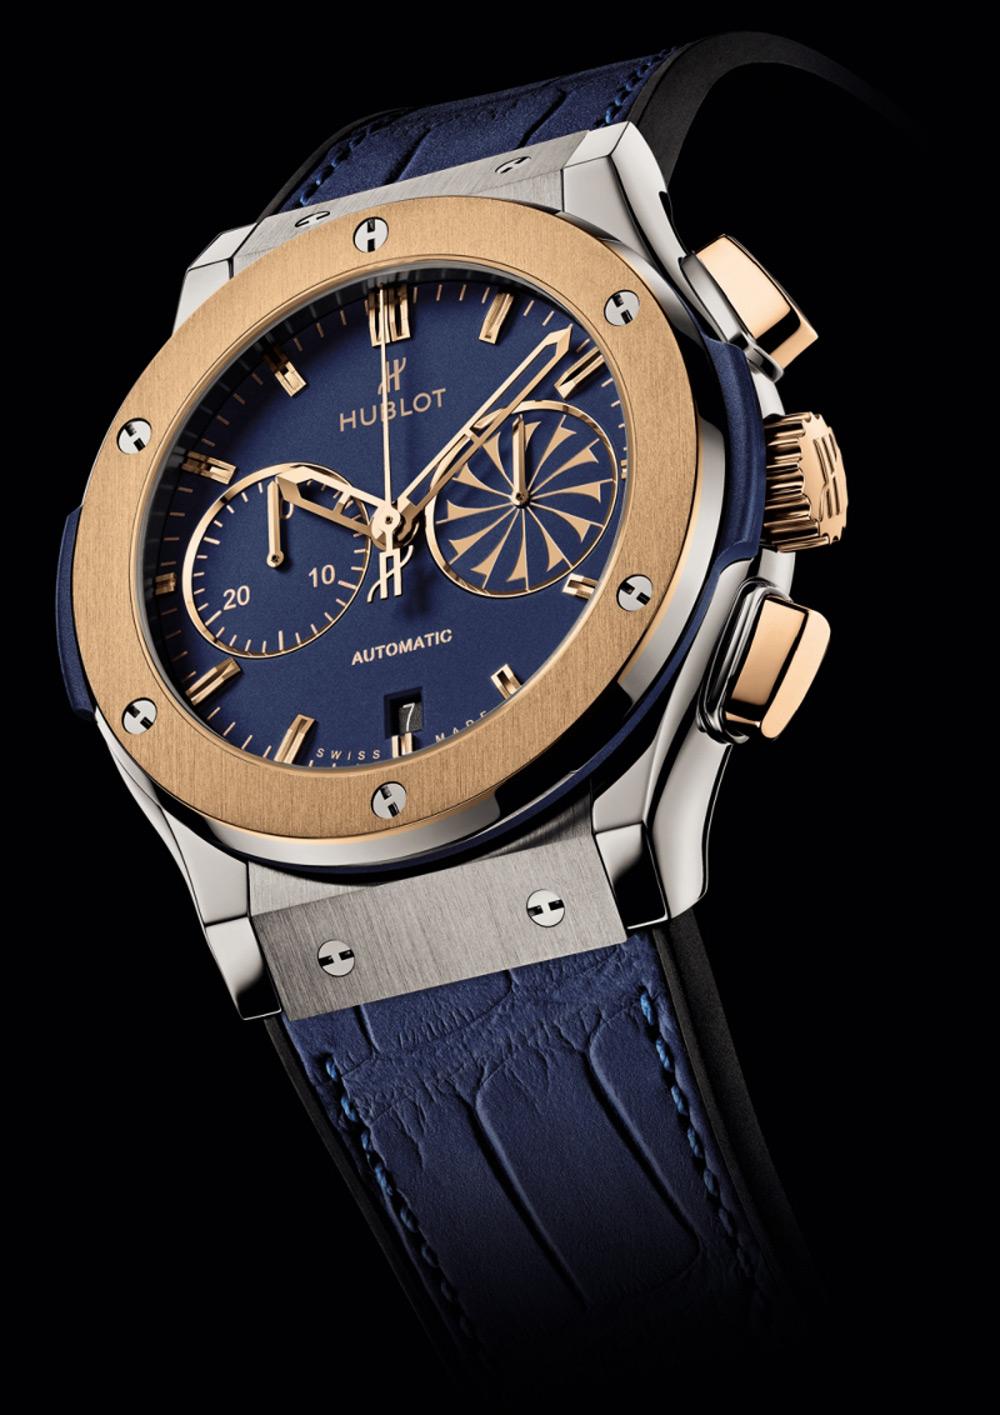 Hublot представил часы Mykonos в новом дизайне